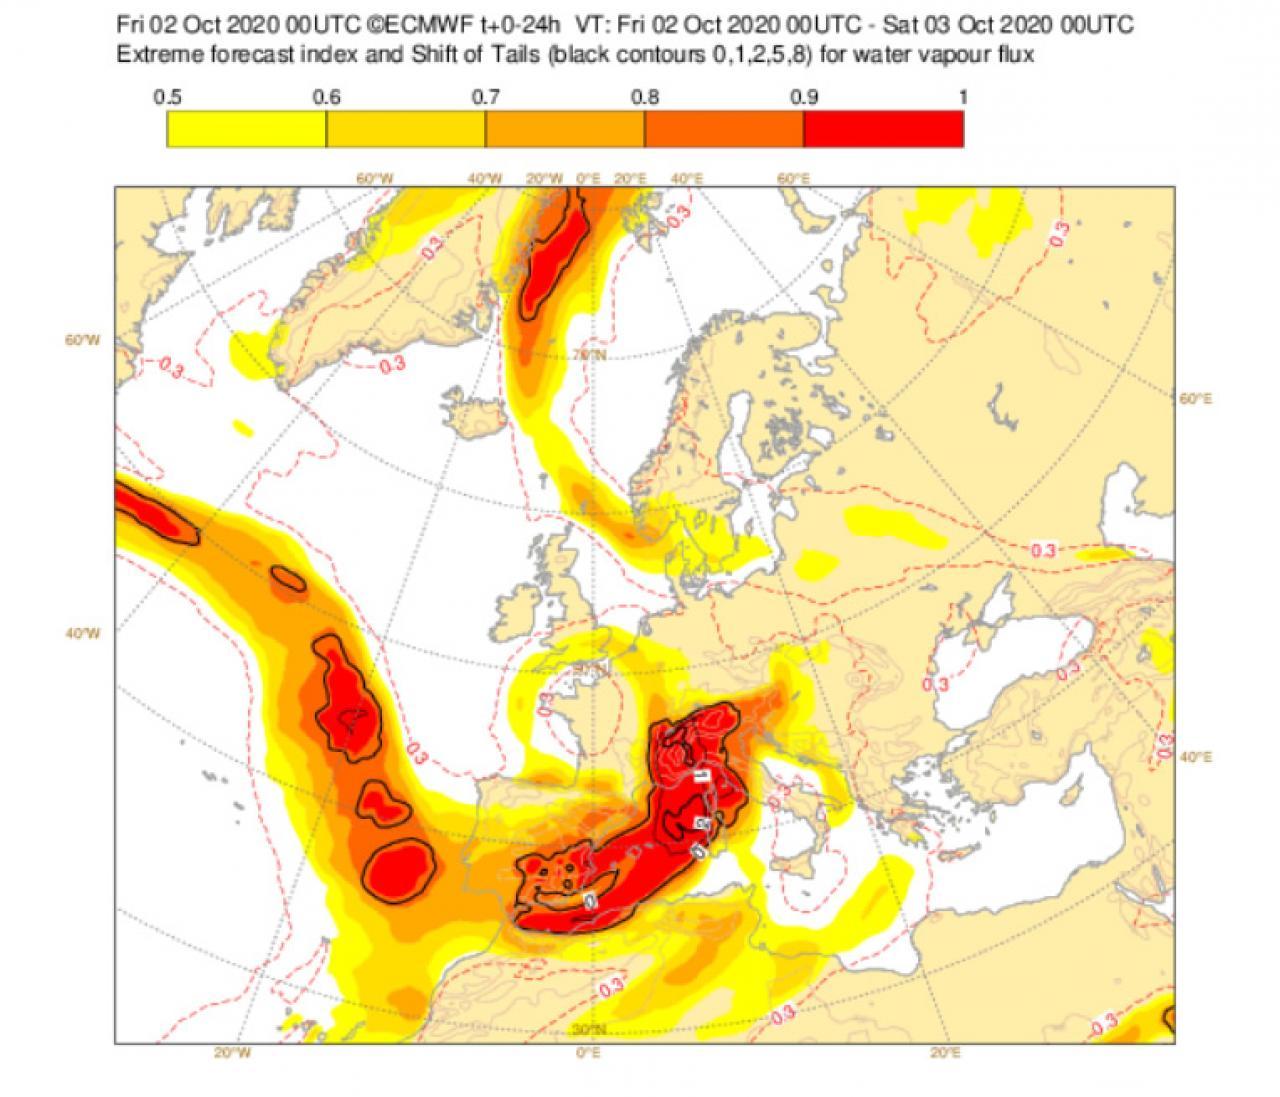 flusso di vapore insolito secondo l'EFI di Ecmwf